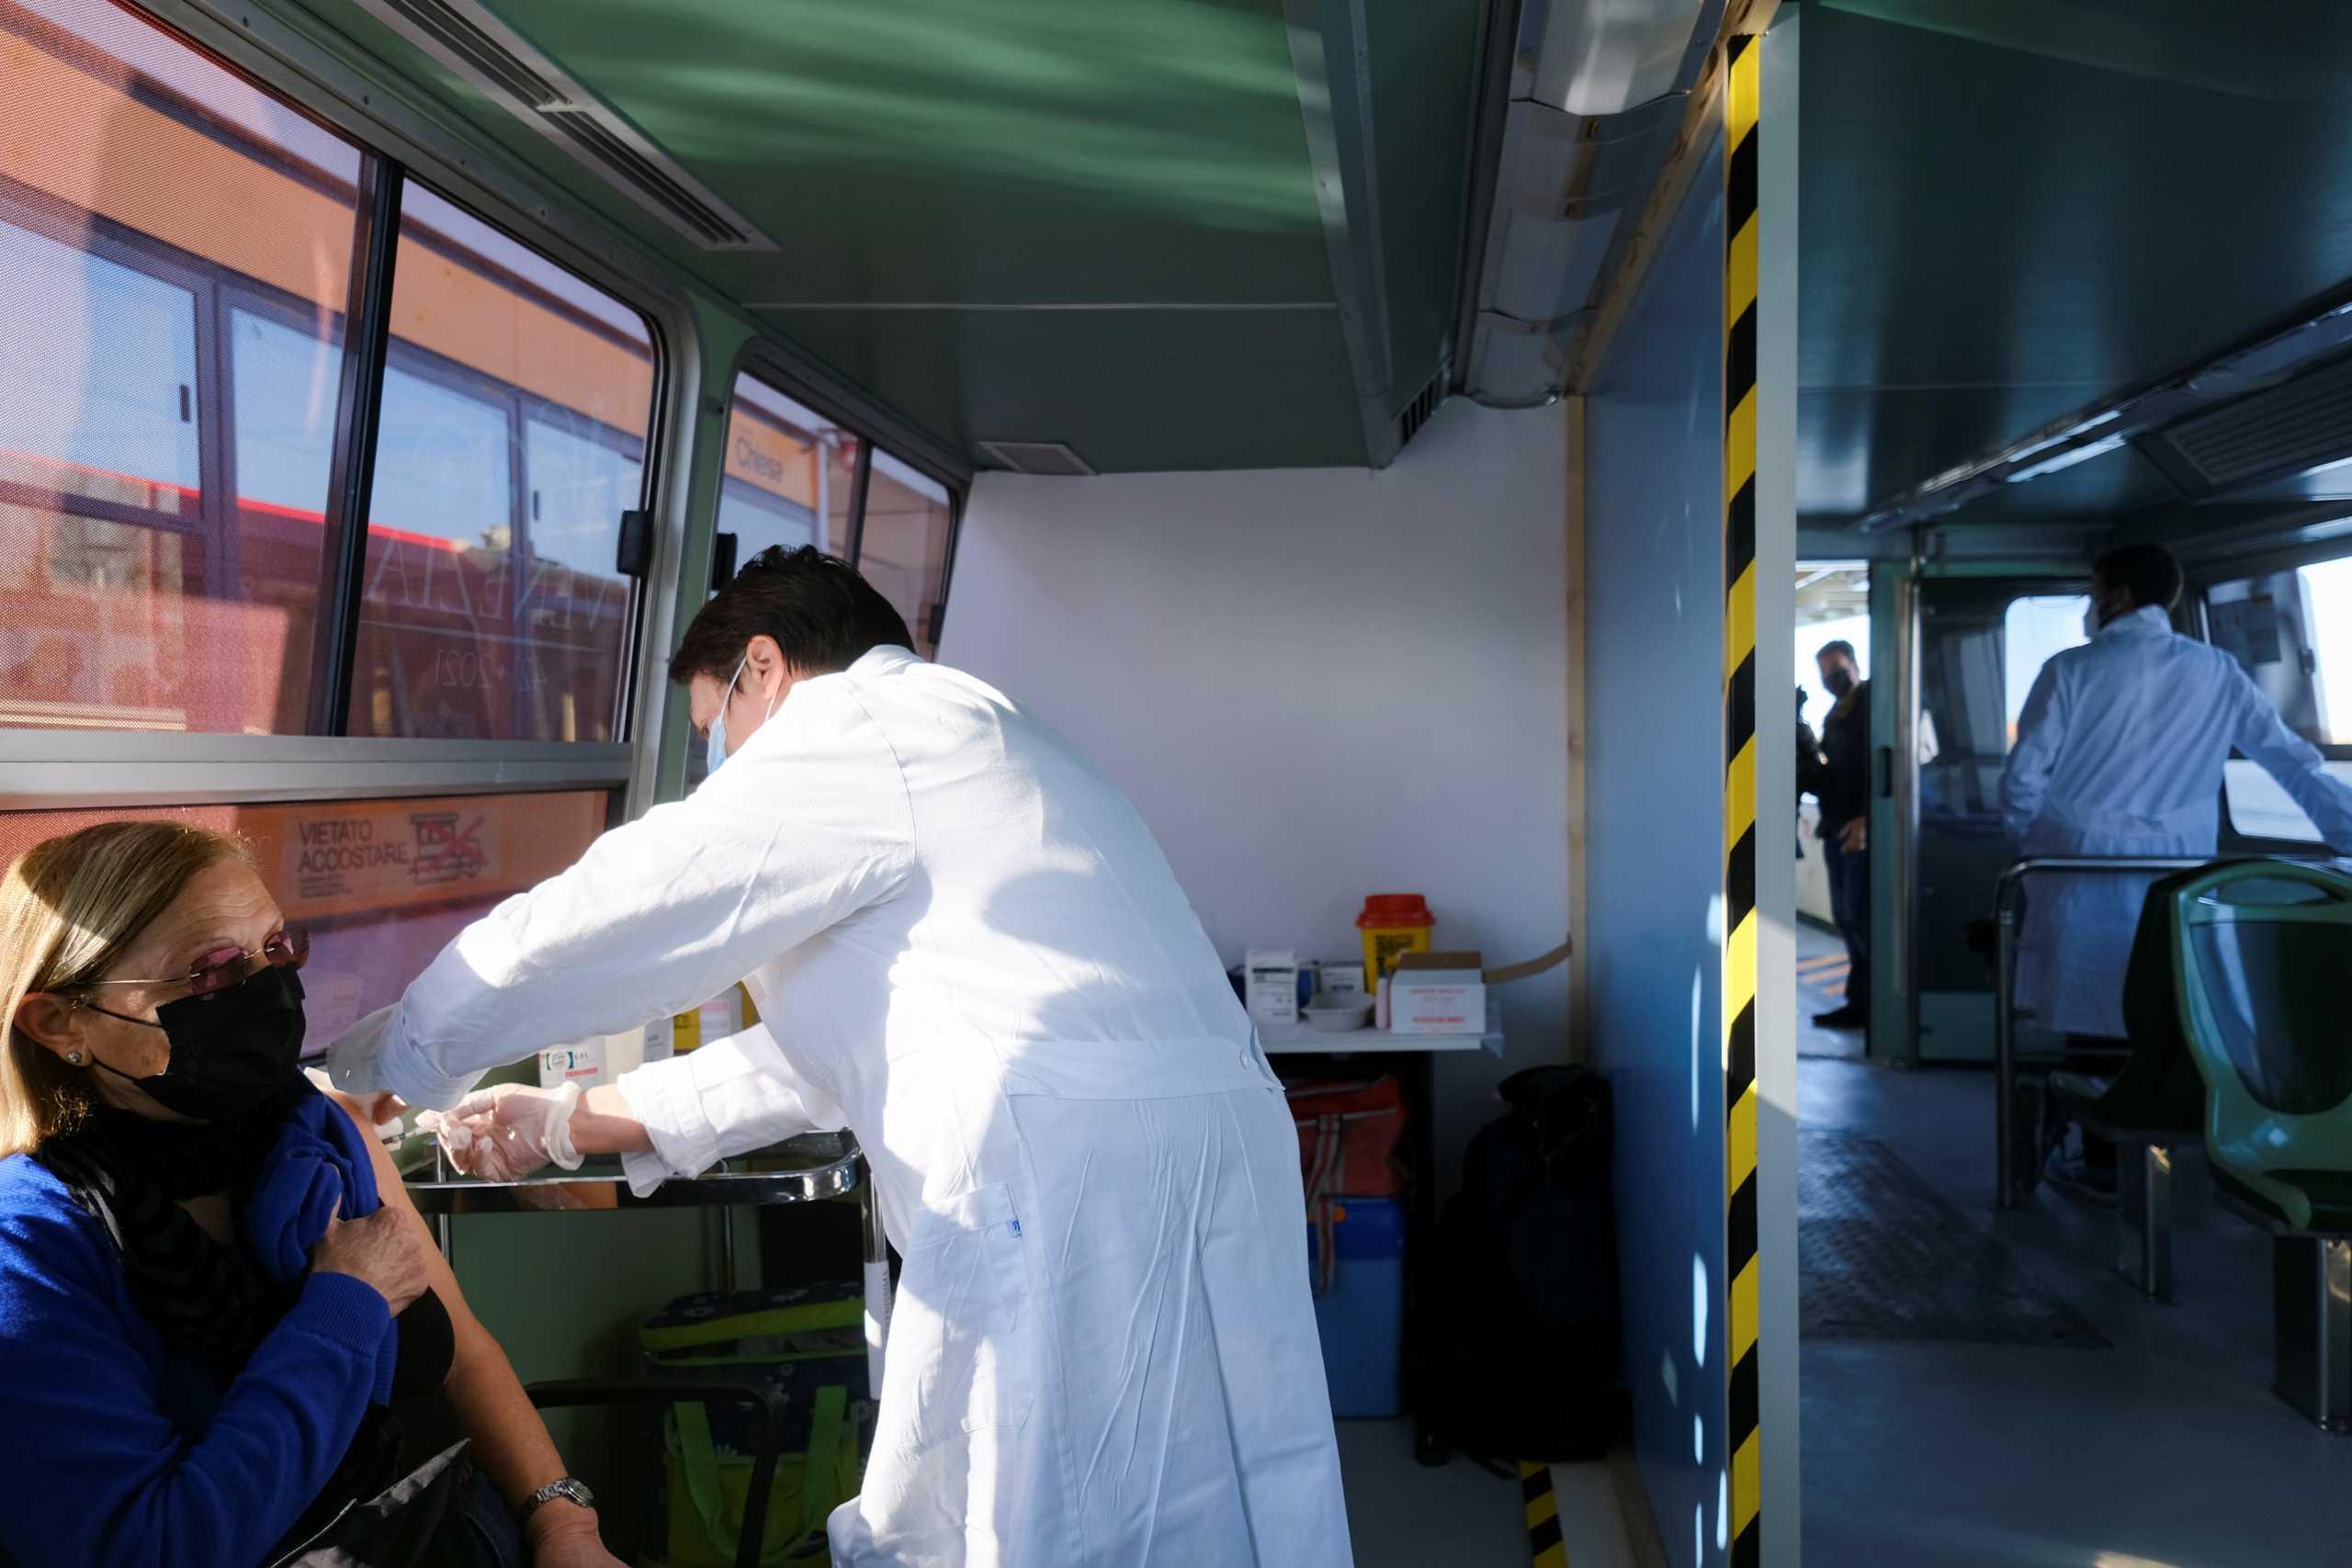 Κορονοϊός: Οι Ιταλοί θα μπορούν πλέον να εμβολιάζονται και στον χώρο εργασίας τους